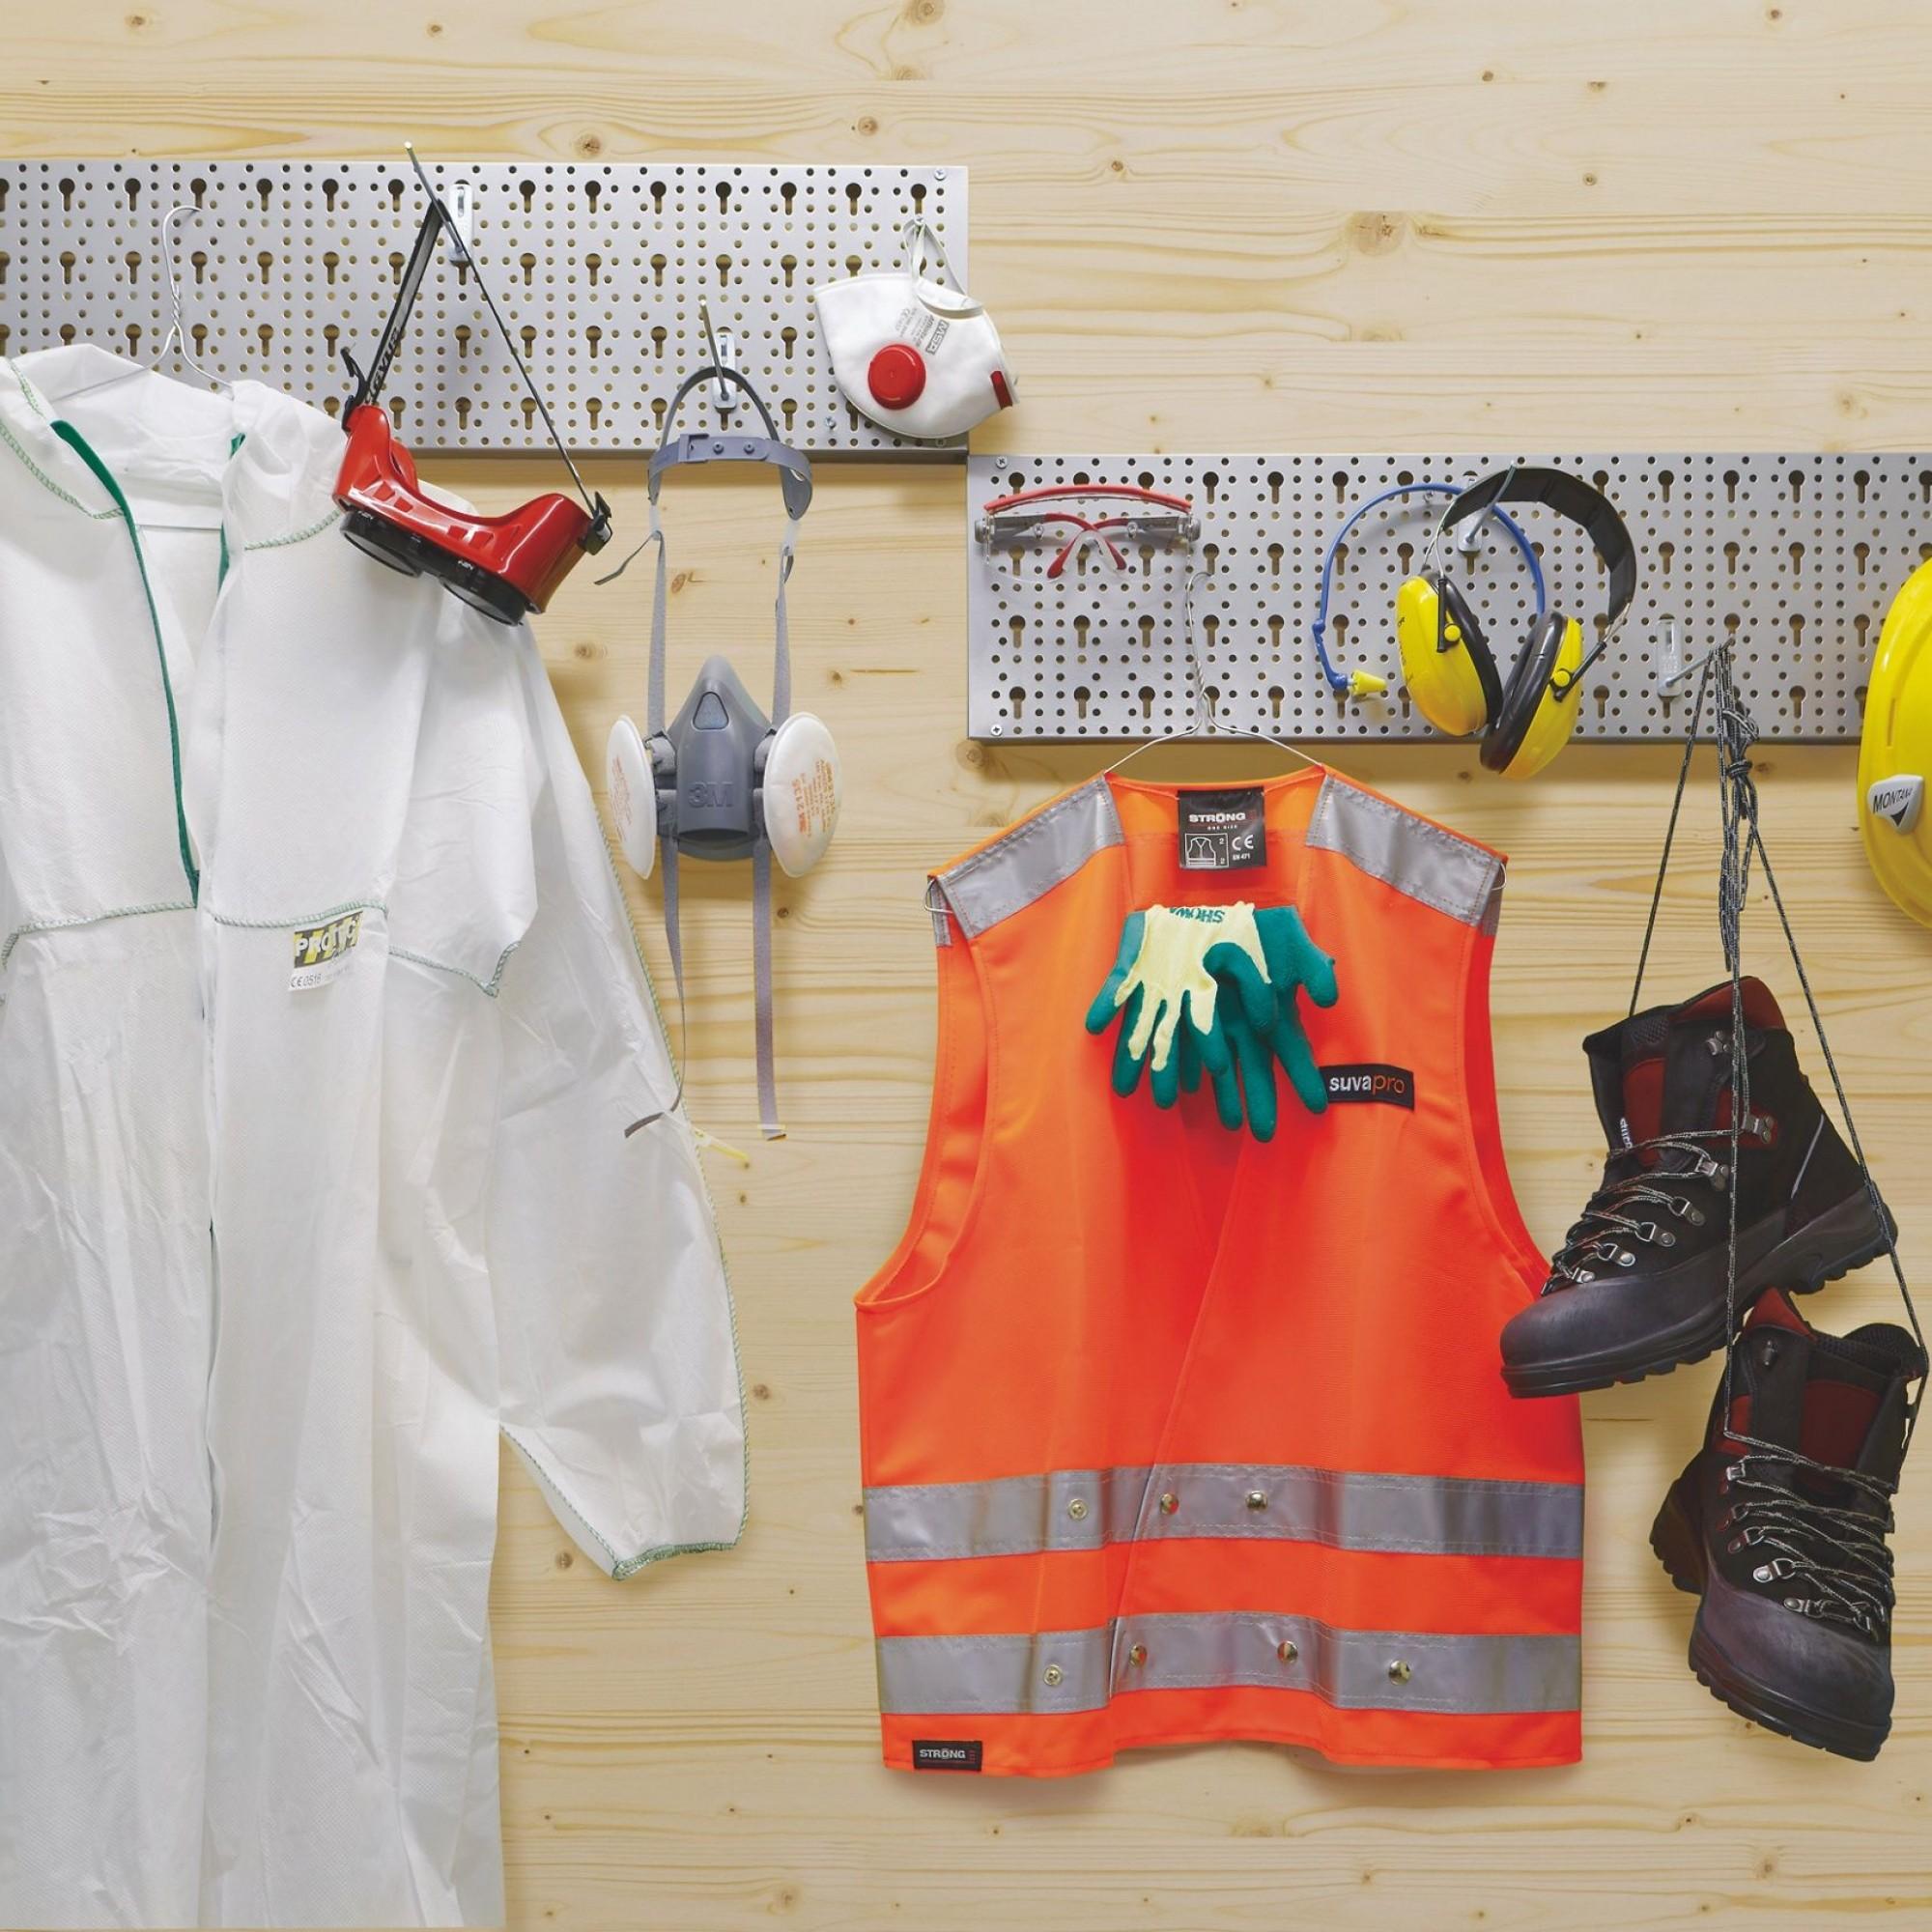 Un équipement personnel de sécurité est le plus haut niveau de protection prescrit.